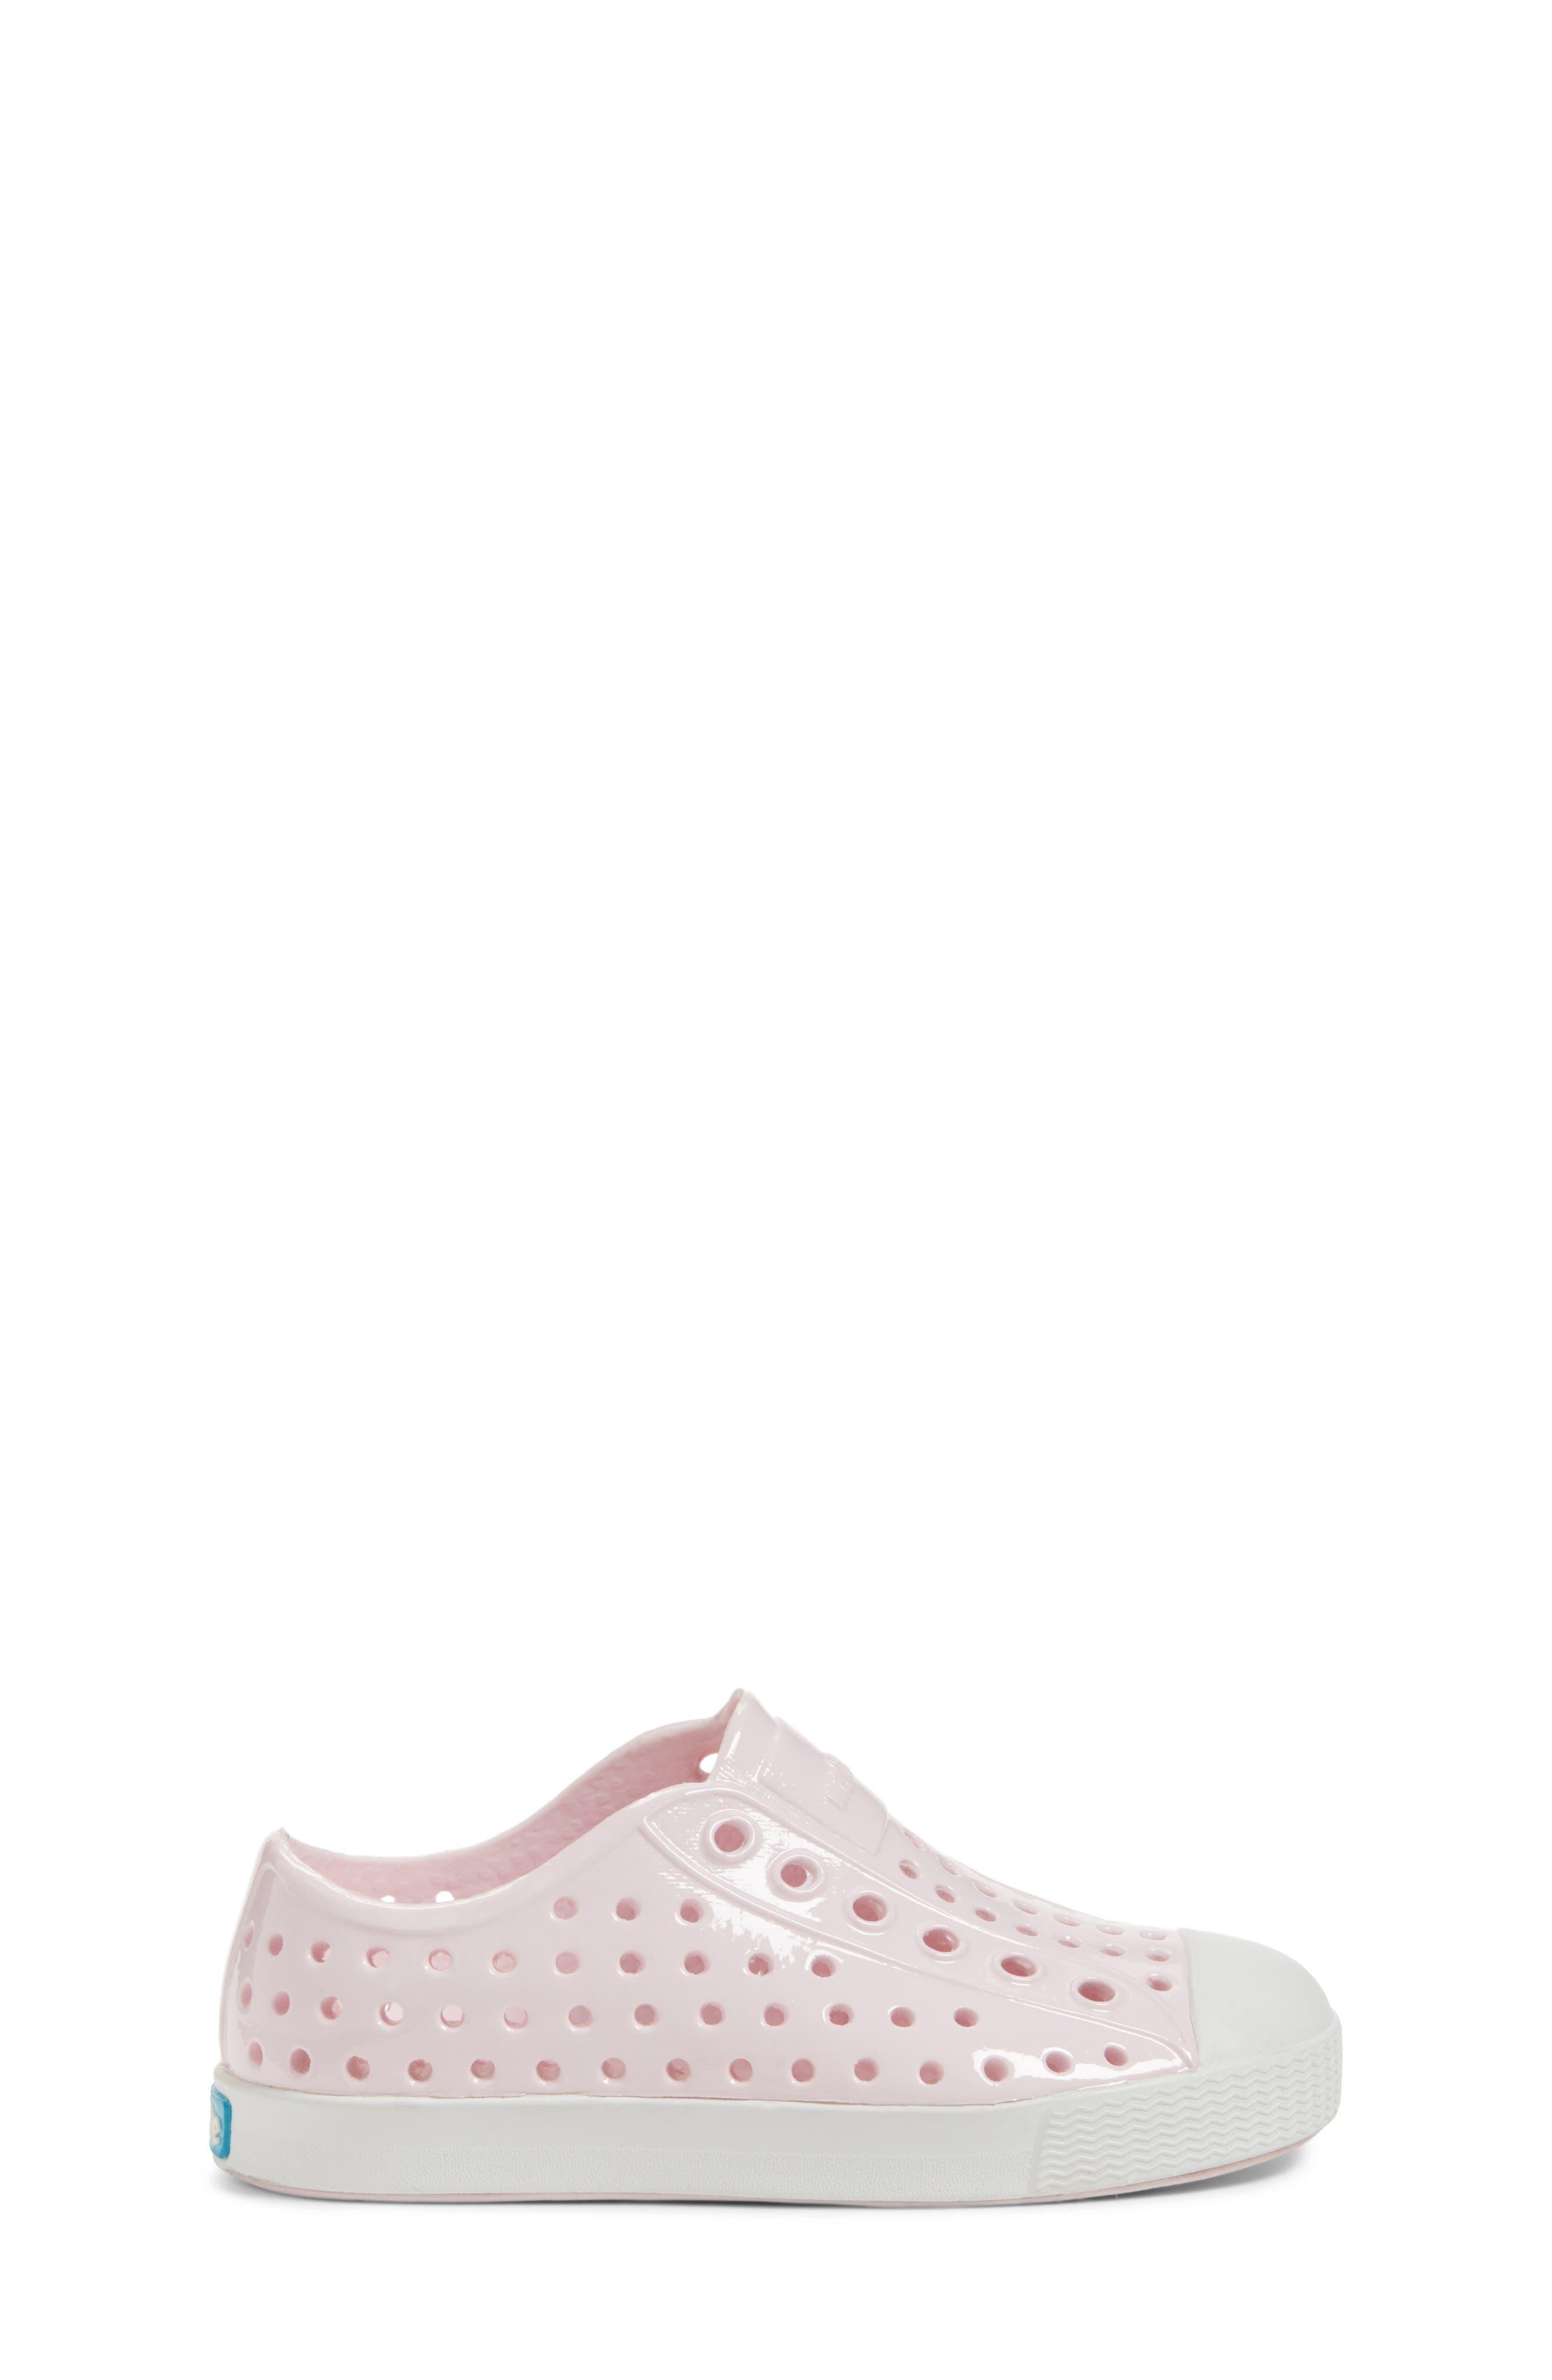 Jefferson Glossy Slip-On Sneaker,                             Alternate thumbnail 3, color,                             MILK PINK/ SHELL WHITE